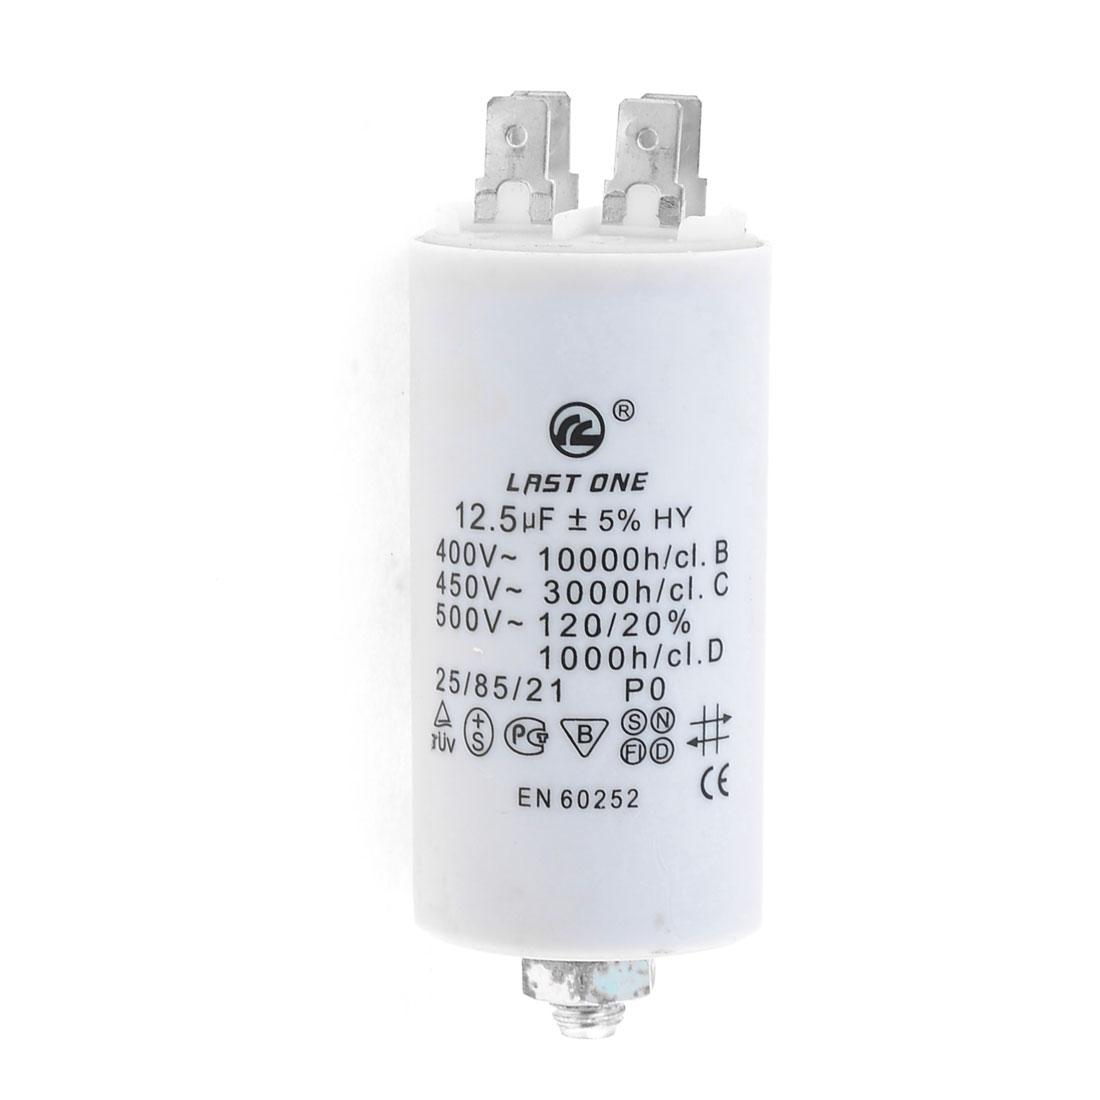 4 Terminals AC Motor Running Capacitor 12.5MFD 12.5uF 450V